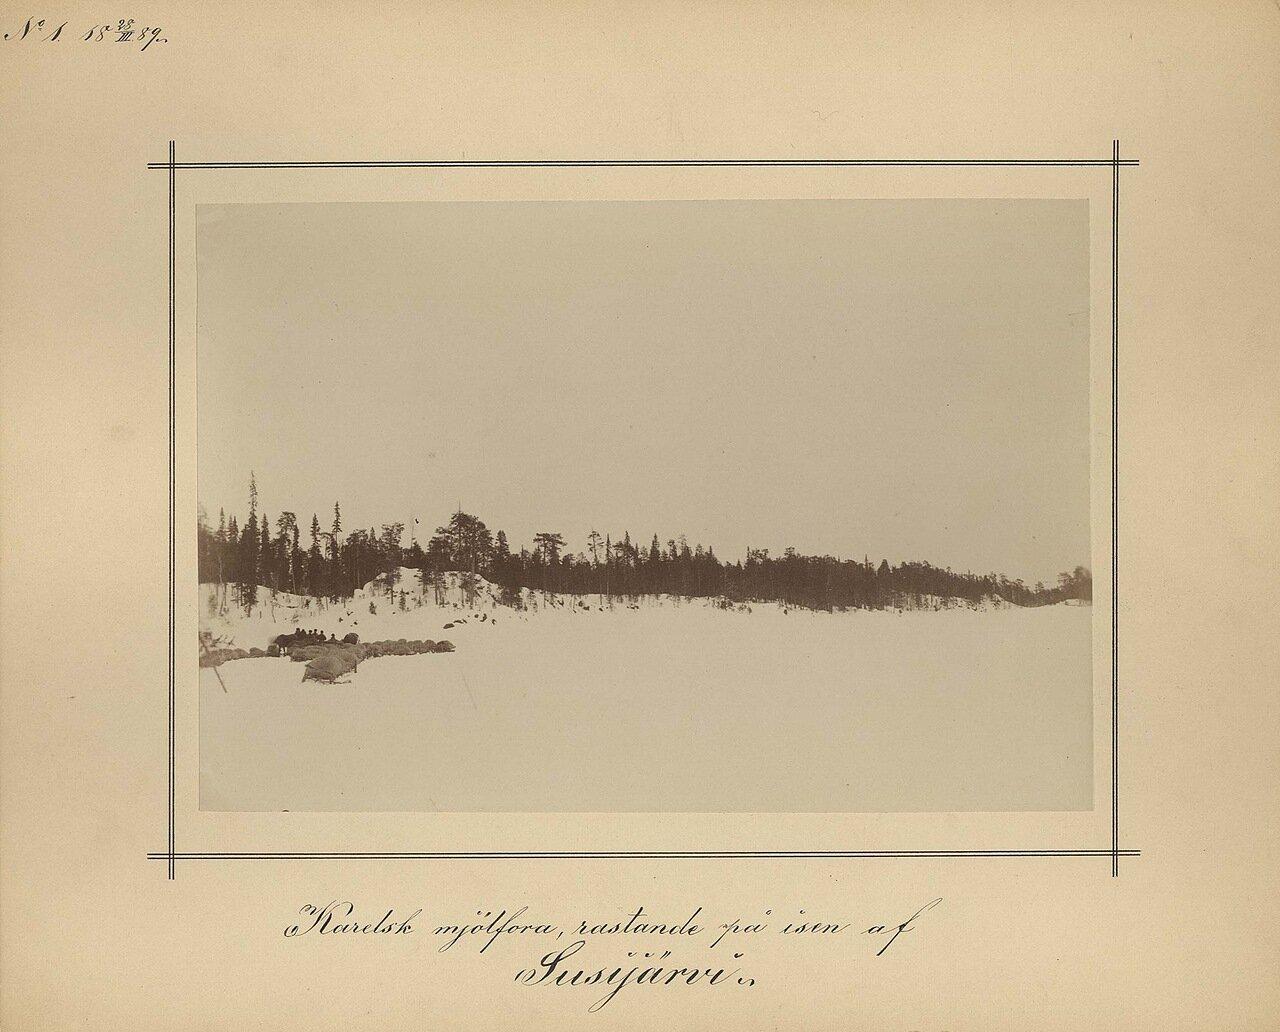 28.3.1889. Ранней весной на Волчьем озере